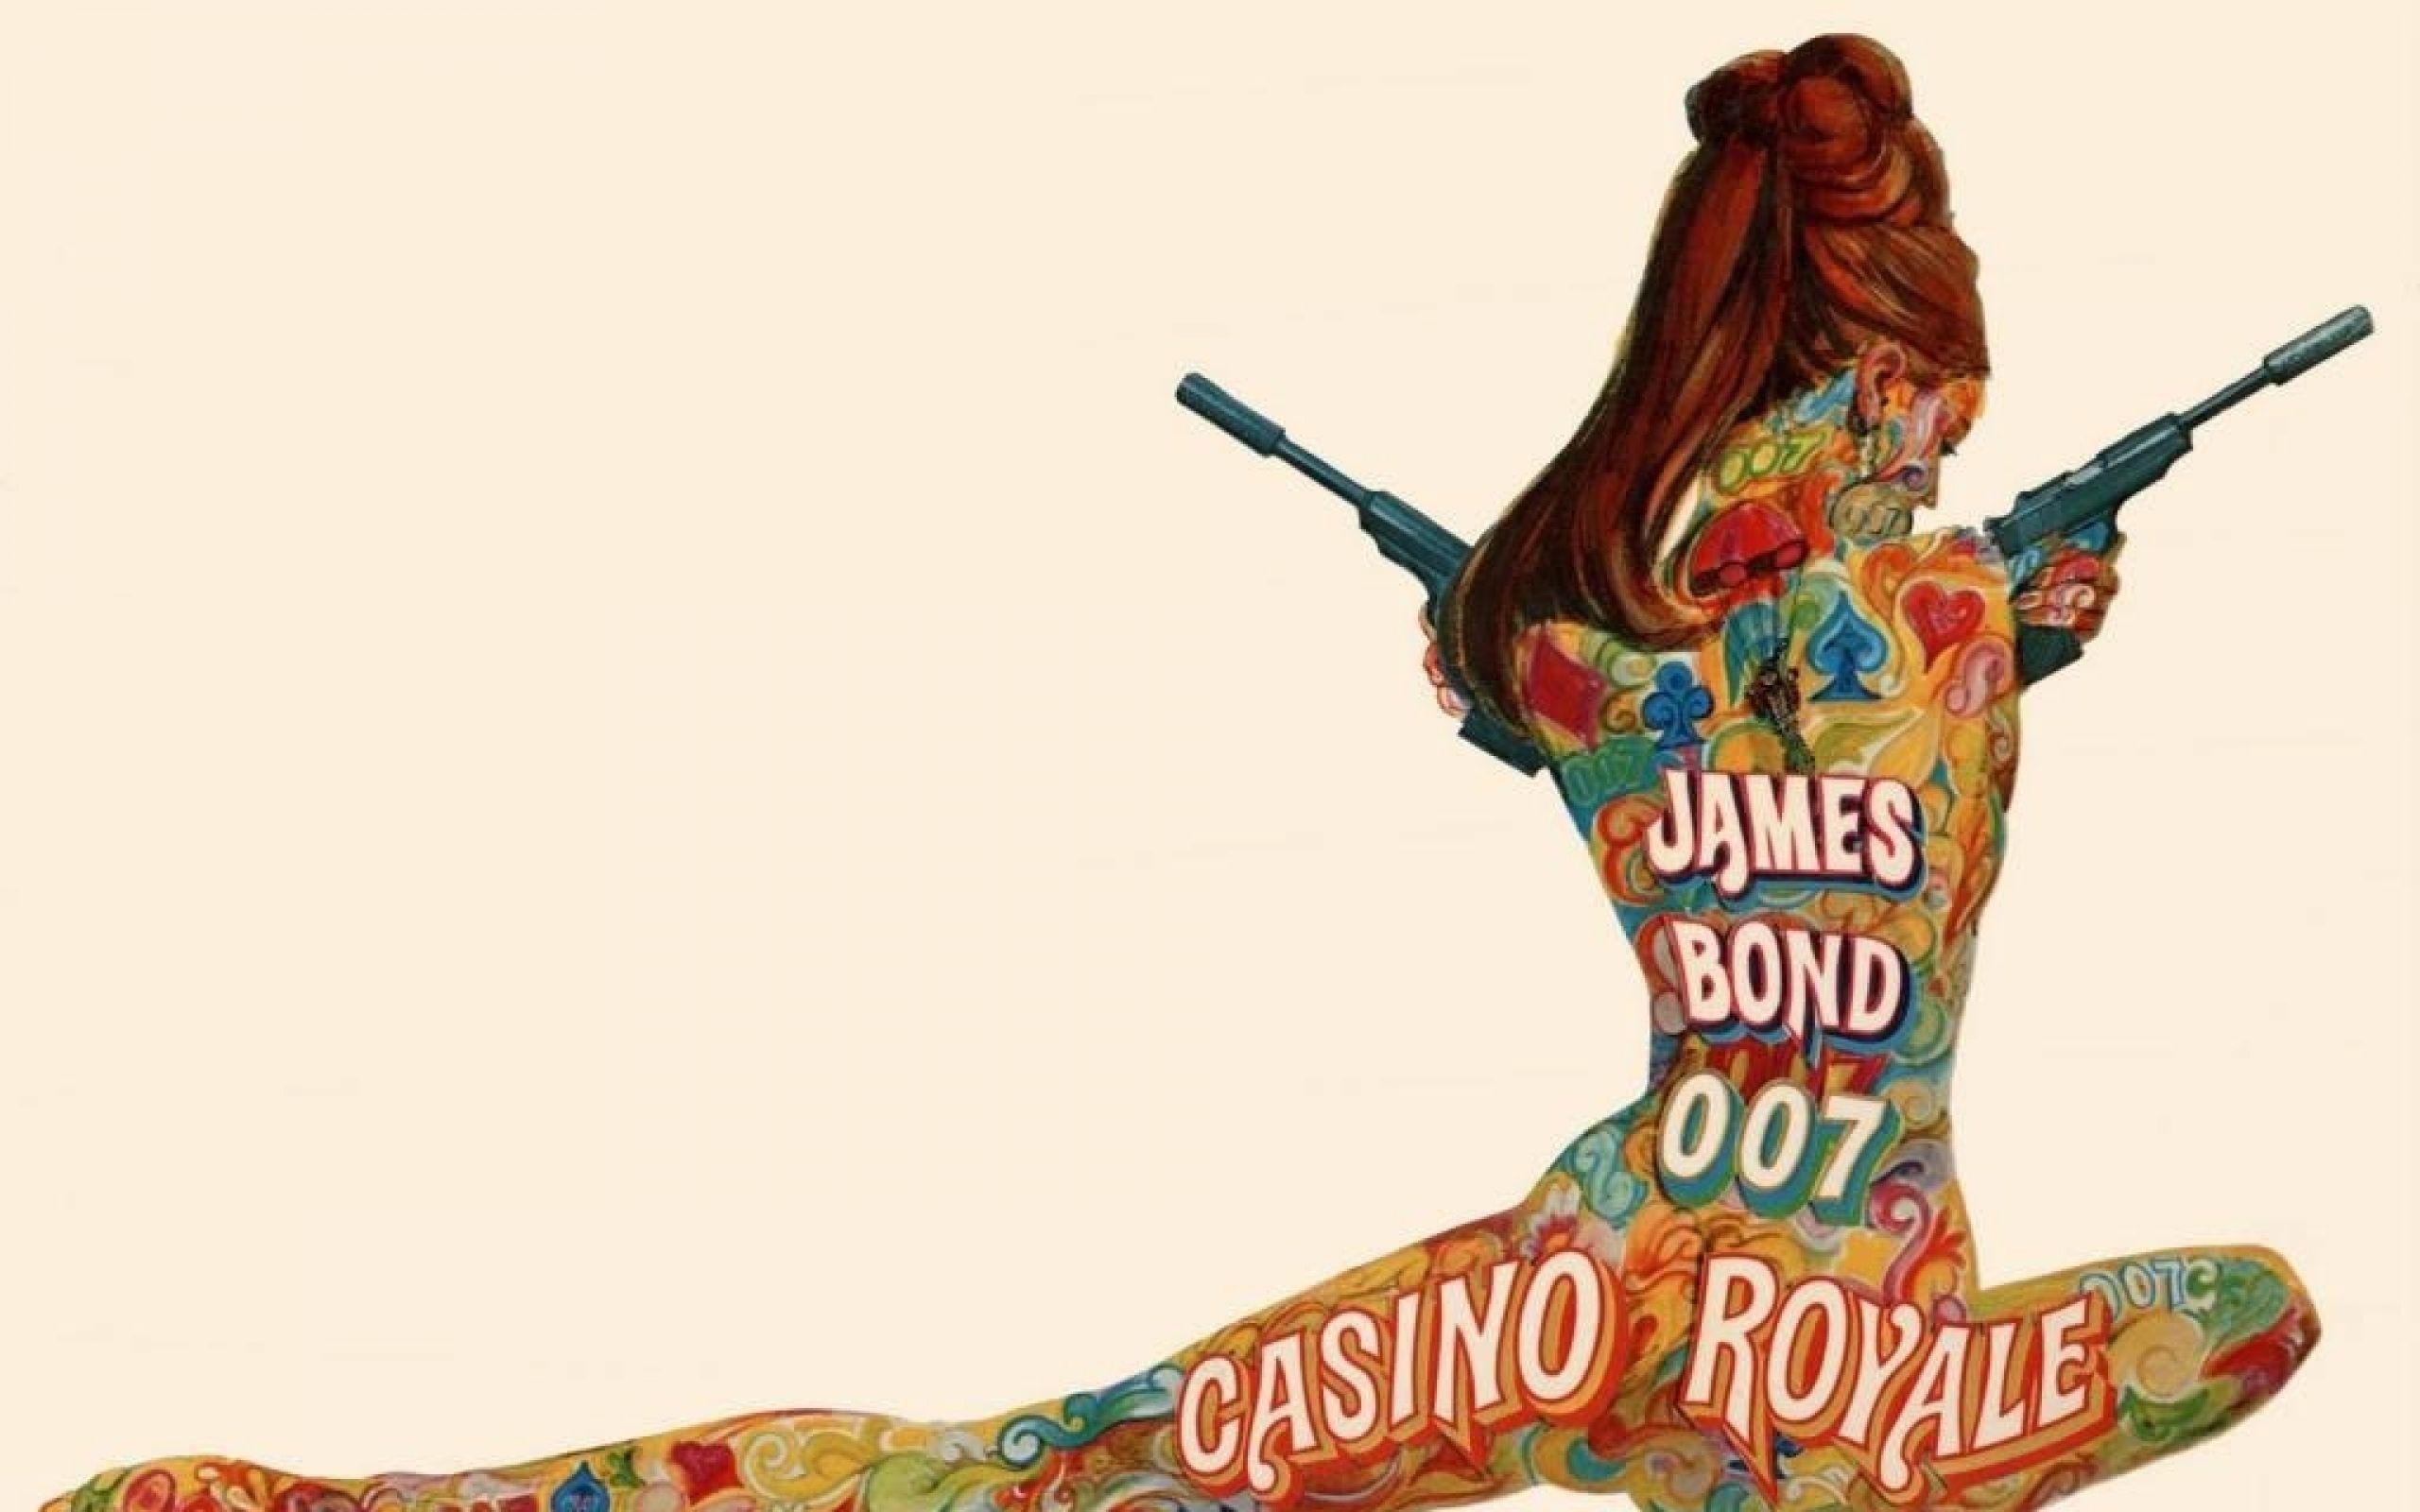 spectre 007 wallpaper hd